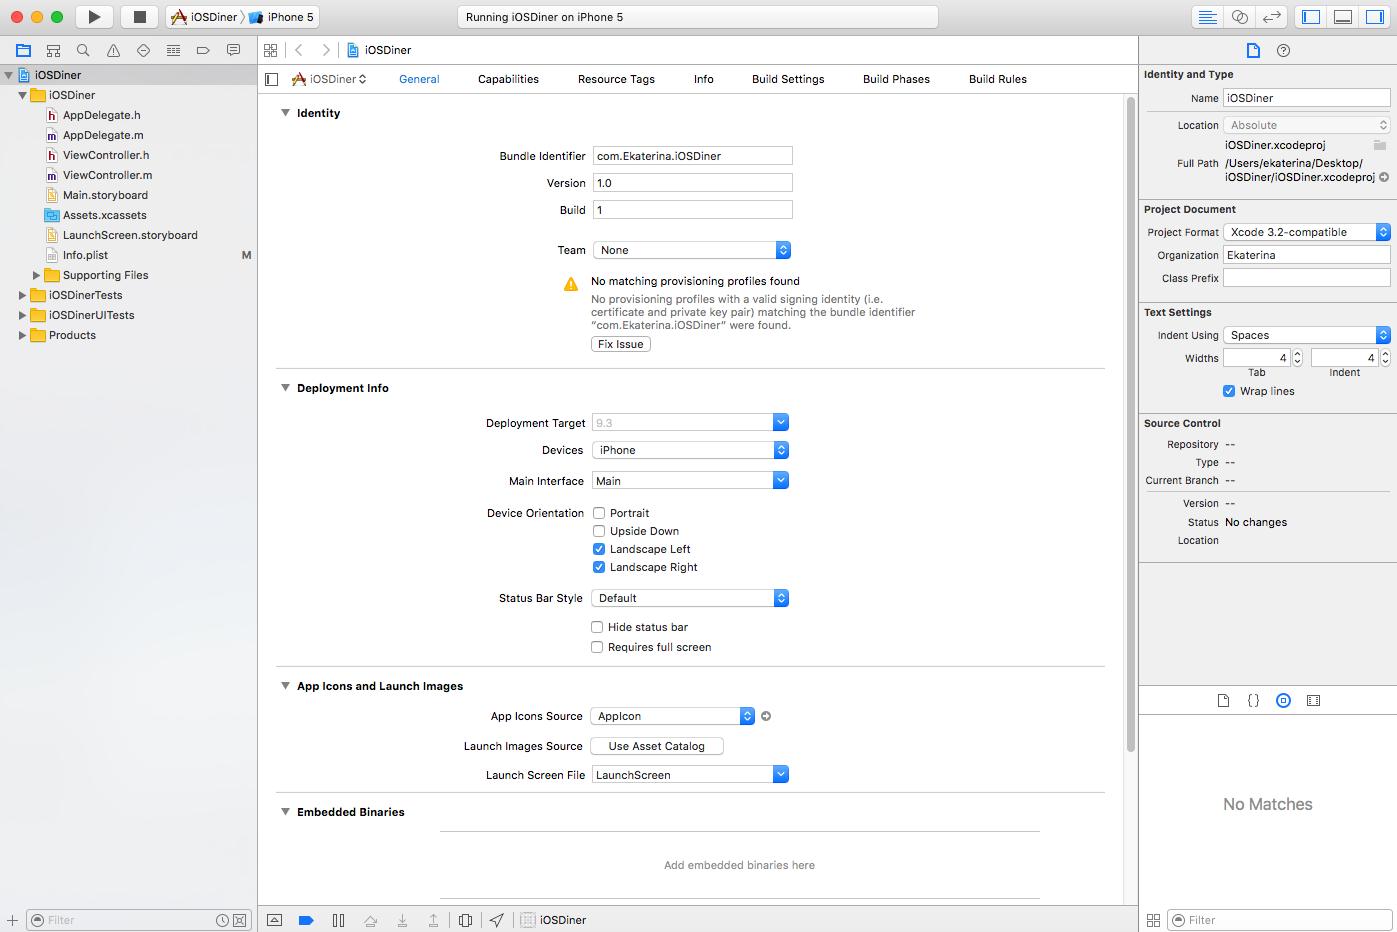 блок-схема выполнимости проекта